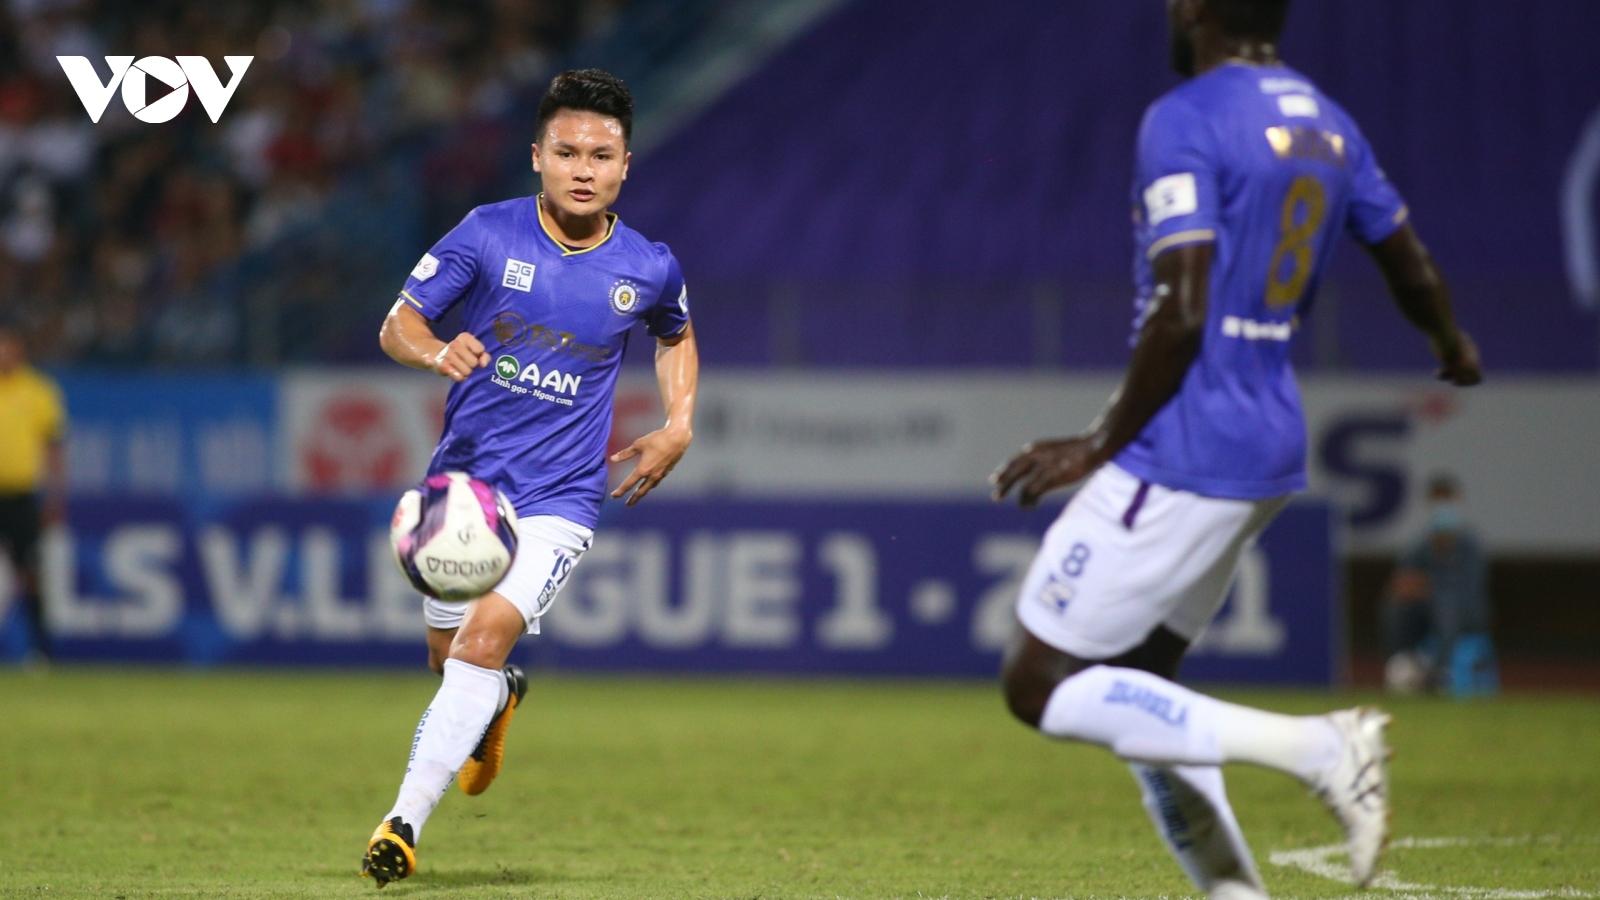 TRỰC TIẾP Hà Nội FC 0-0 Quảng Ninh: Chờ Quang Hải tỏa sáng